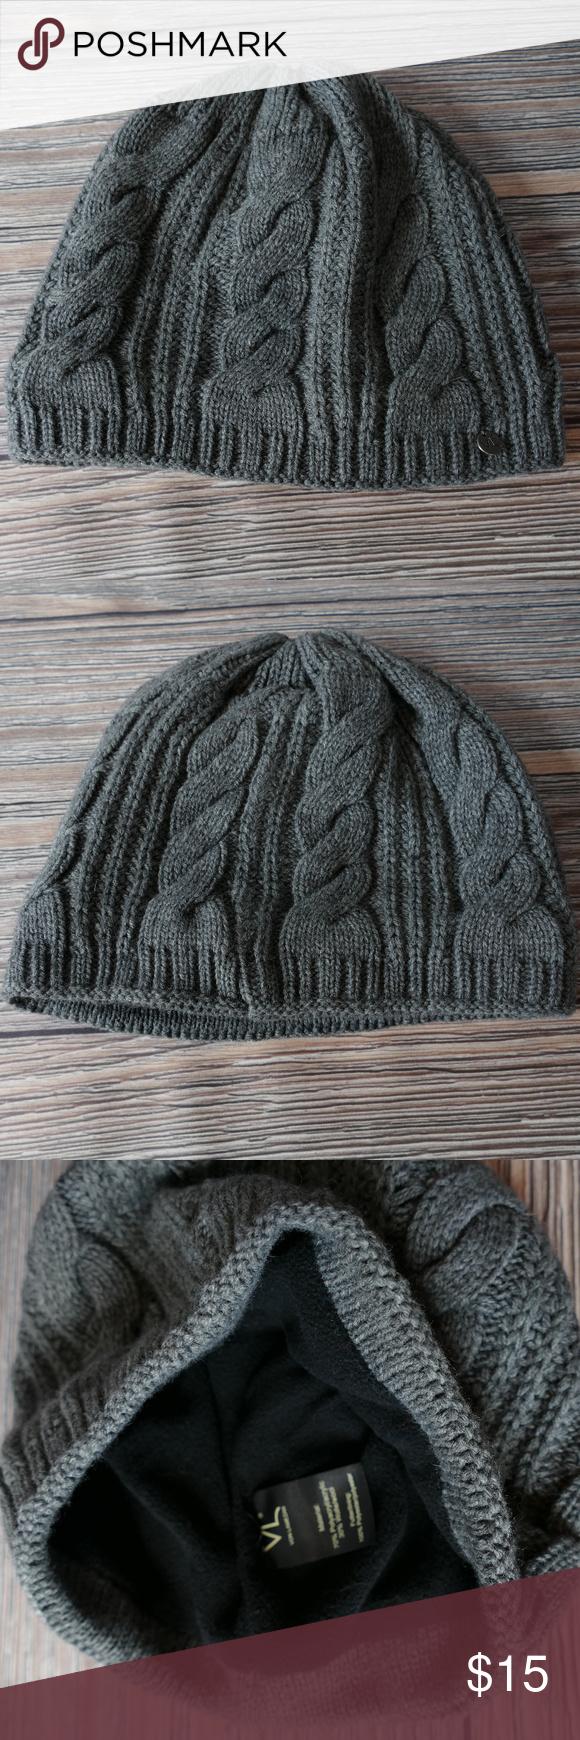 bca033a5 Von Lamezan Grey Cable Knit Wool Winter Hat Gently used Von Lamezon cable  knit wool blend